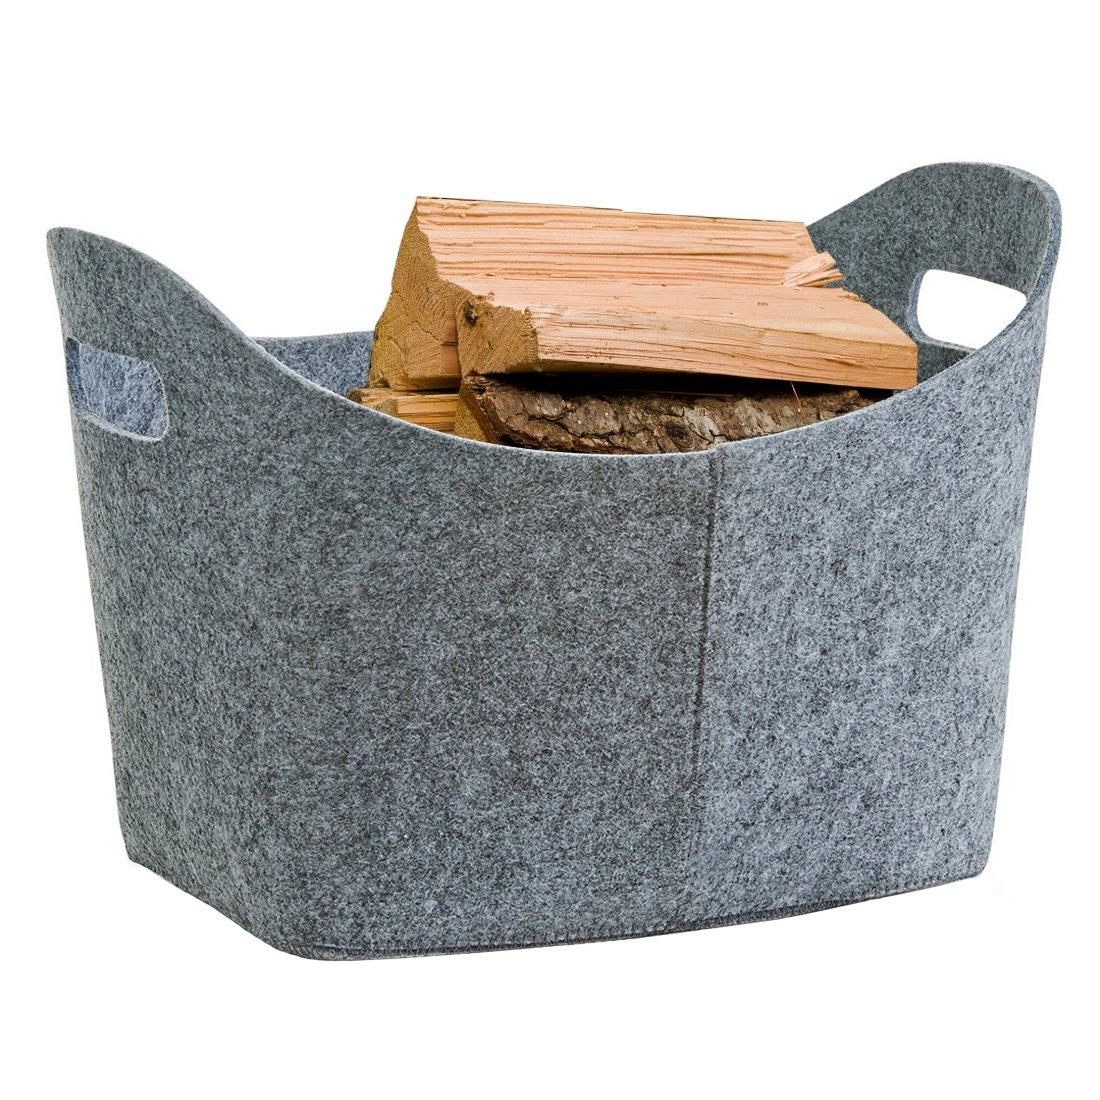 GWELL feltro cesto camino in legno borsa in feltro cesto camino legno cestino cesto Multiuso in legno Portariviste cestino con due manici grigio chiaro